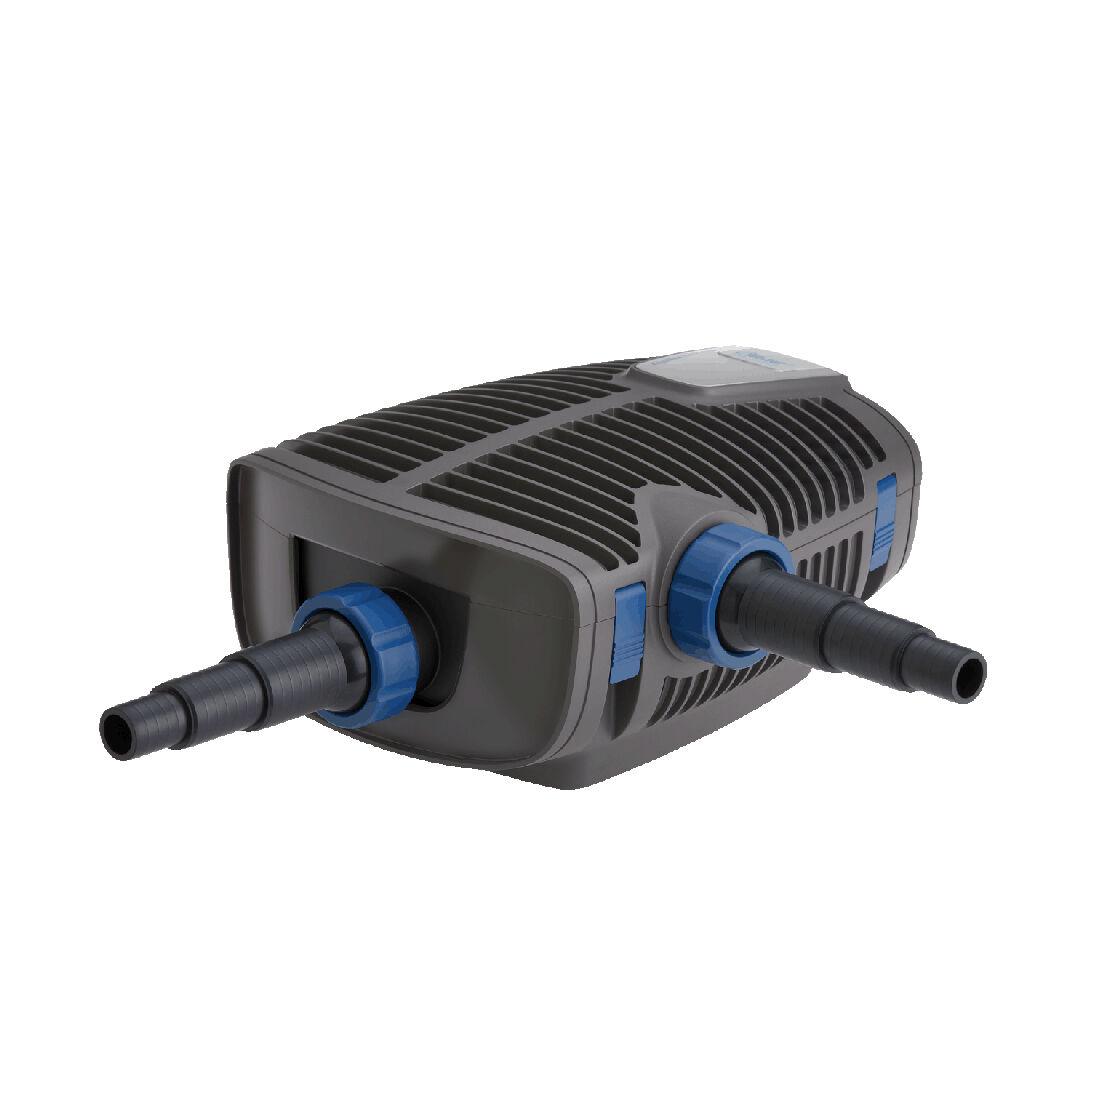 Oase AquaMax Eco Premium 8000 Pompe de bassin